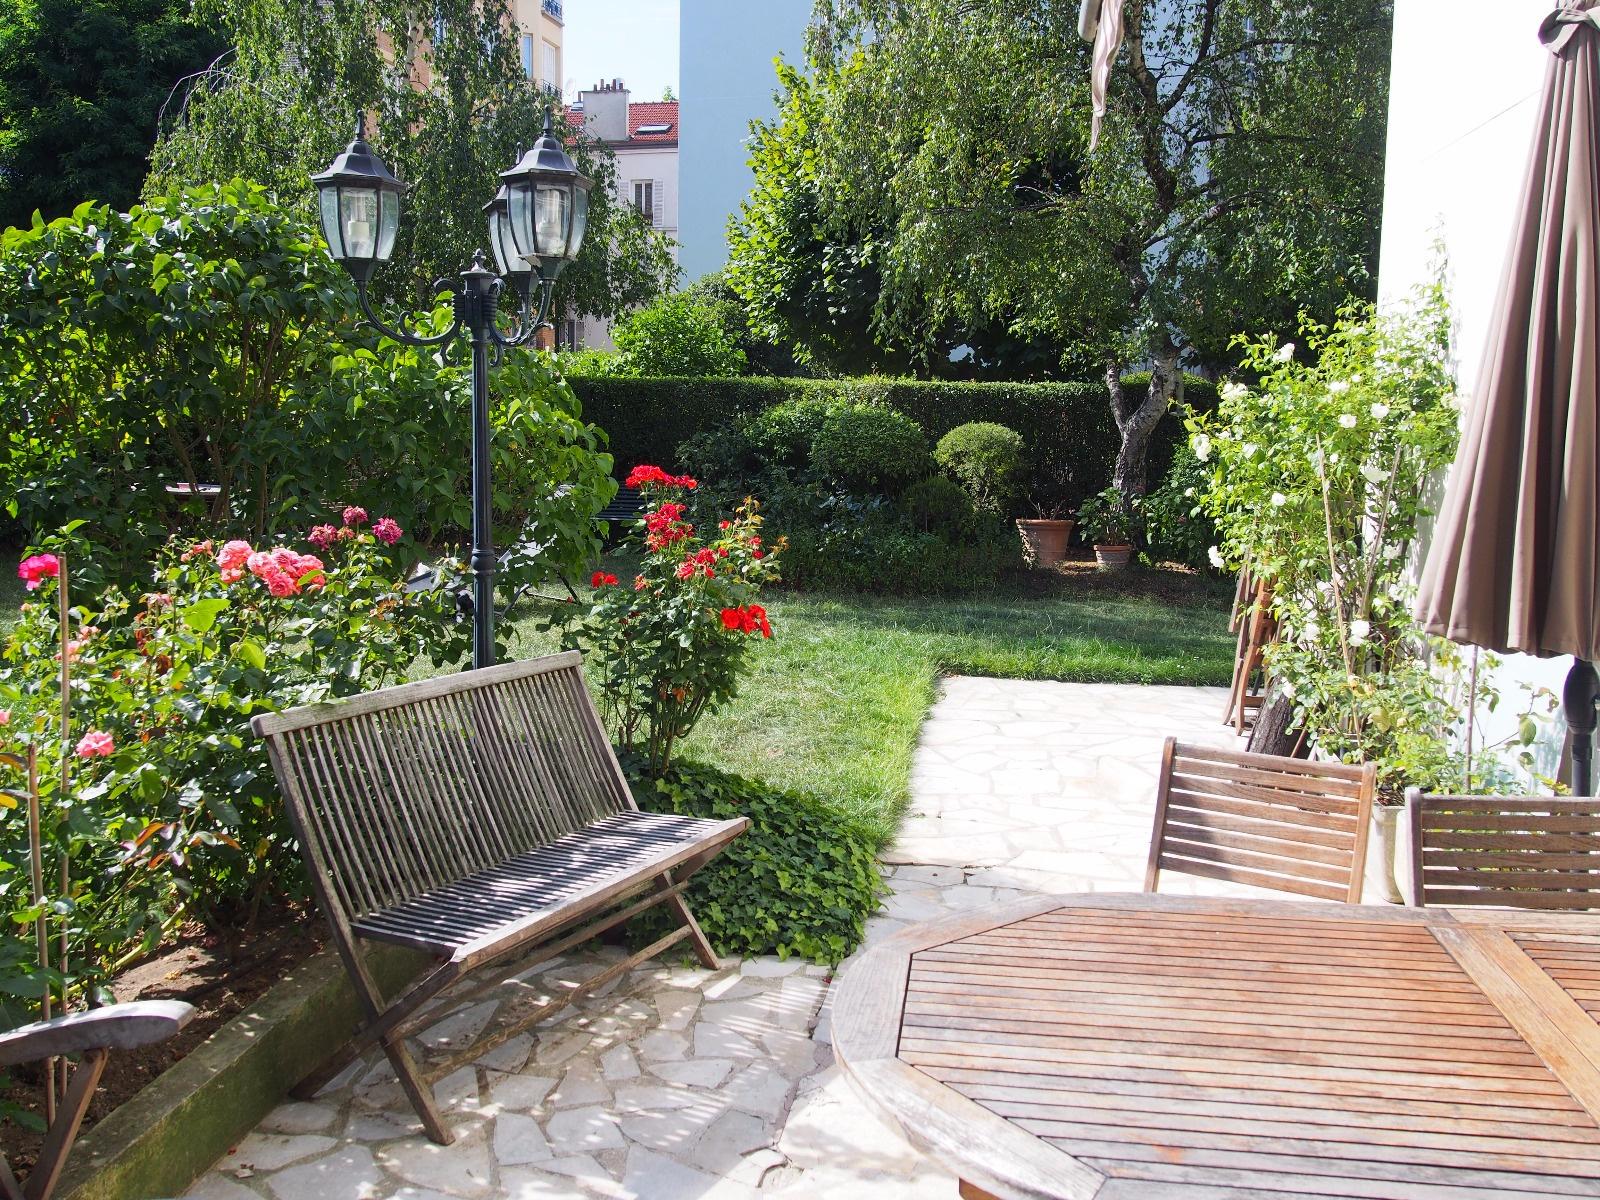 Vente appartements de 4 pi ces bsi boulogne - Cabane jardin occasion boulogne billancourt ...